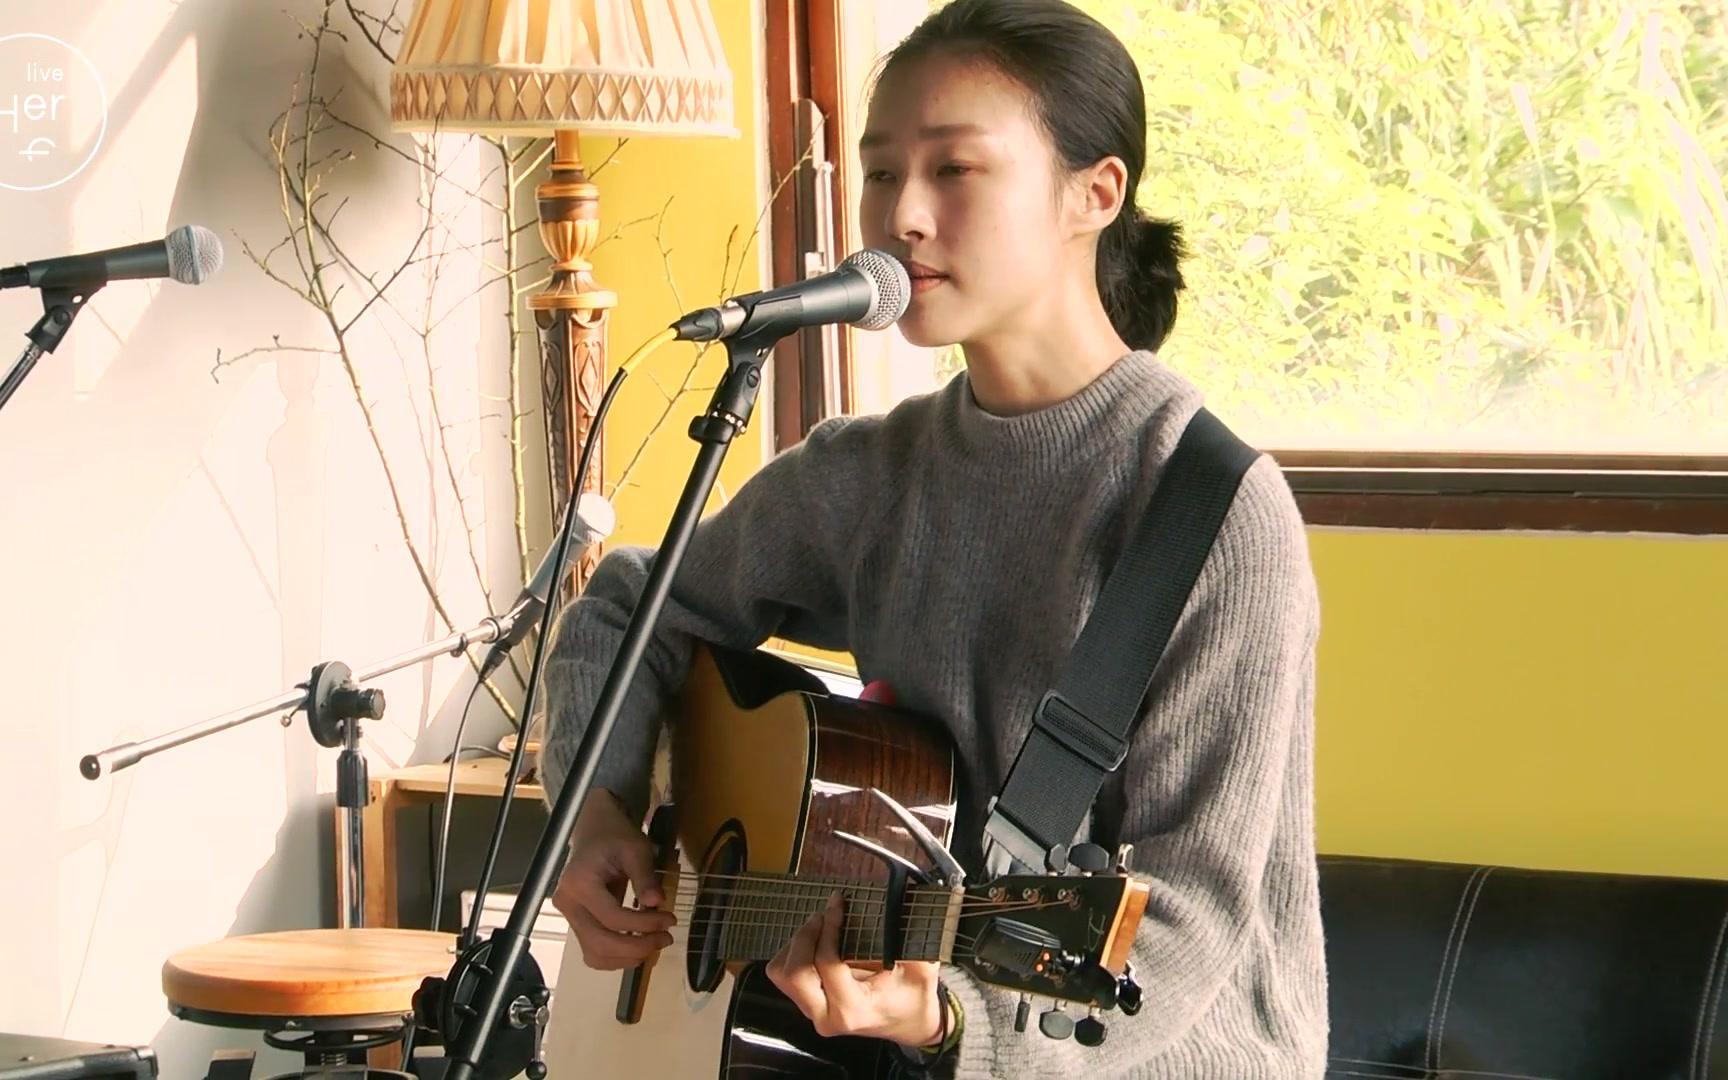 【蔡依玲(from 淺堤)】怪手(Her live)_嗶哩嗶哩 (゜-゜)つロ 干杯~-bilibili